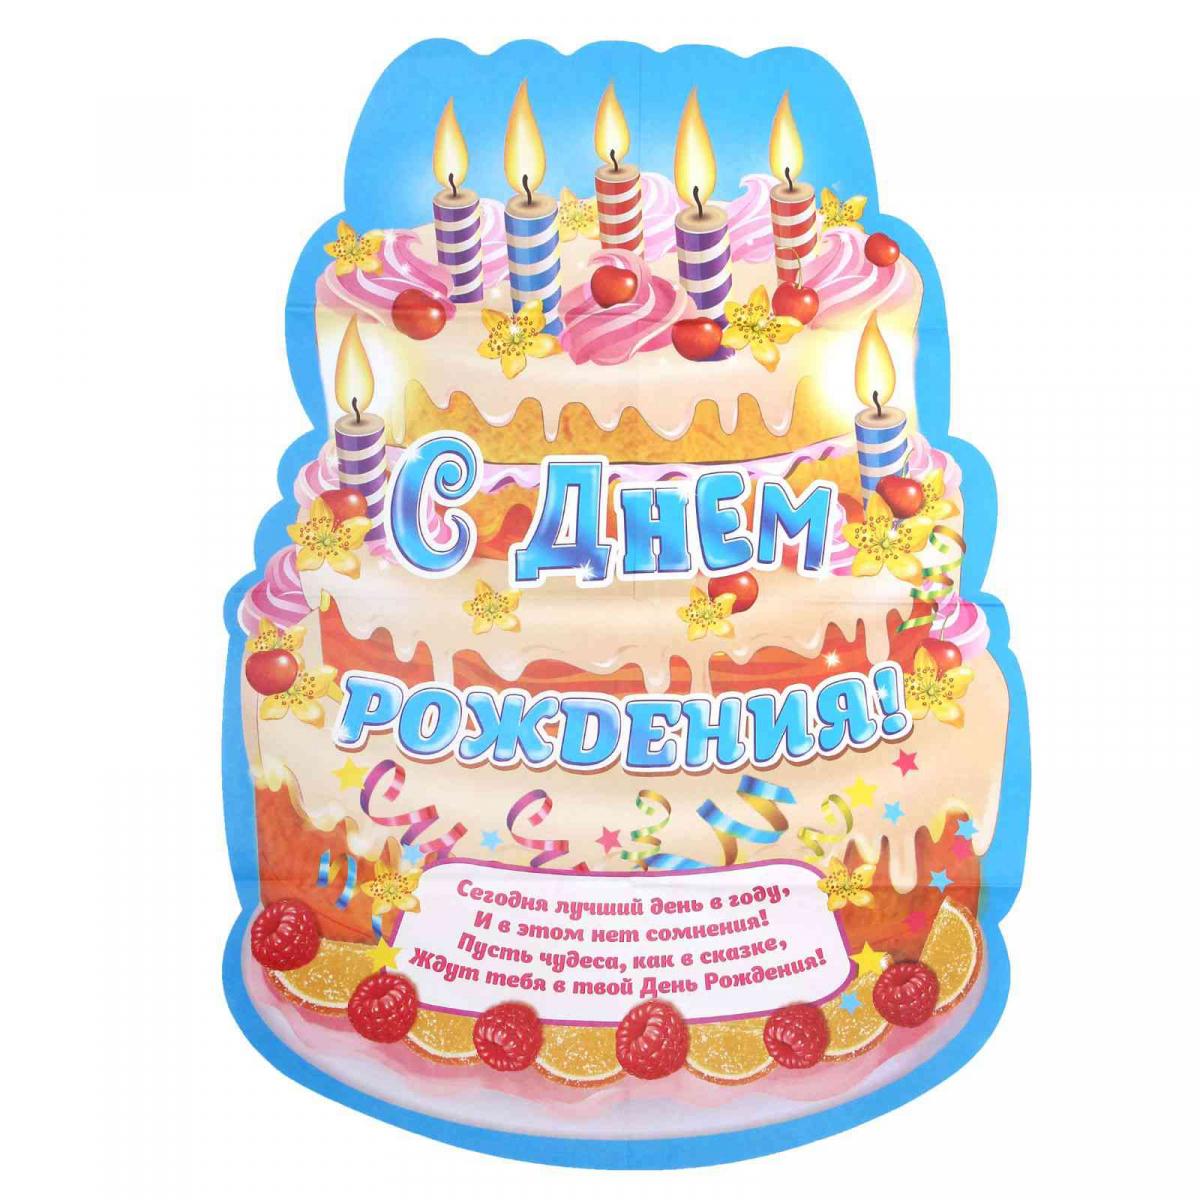 поздравление слоган с днем рождения угас